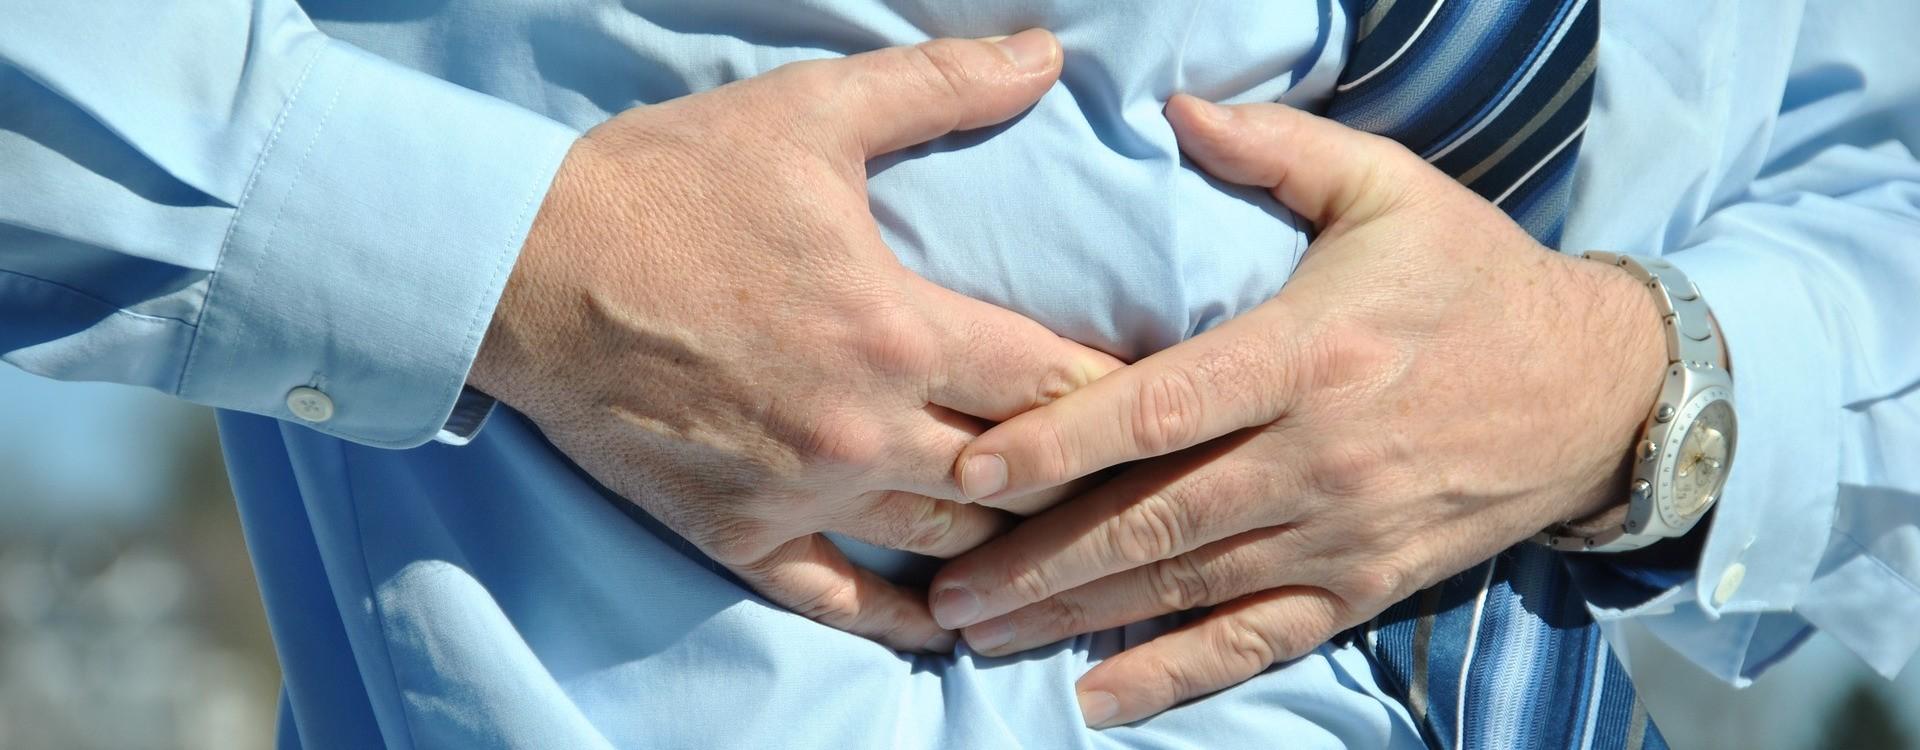 objawy choroby wątroby